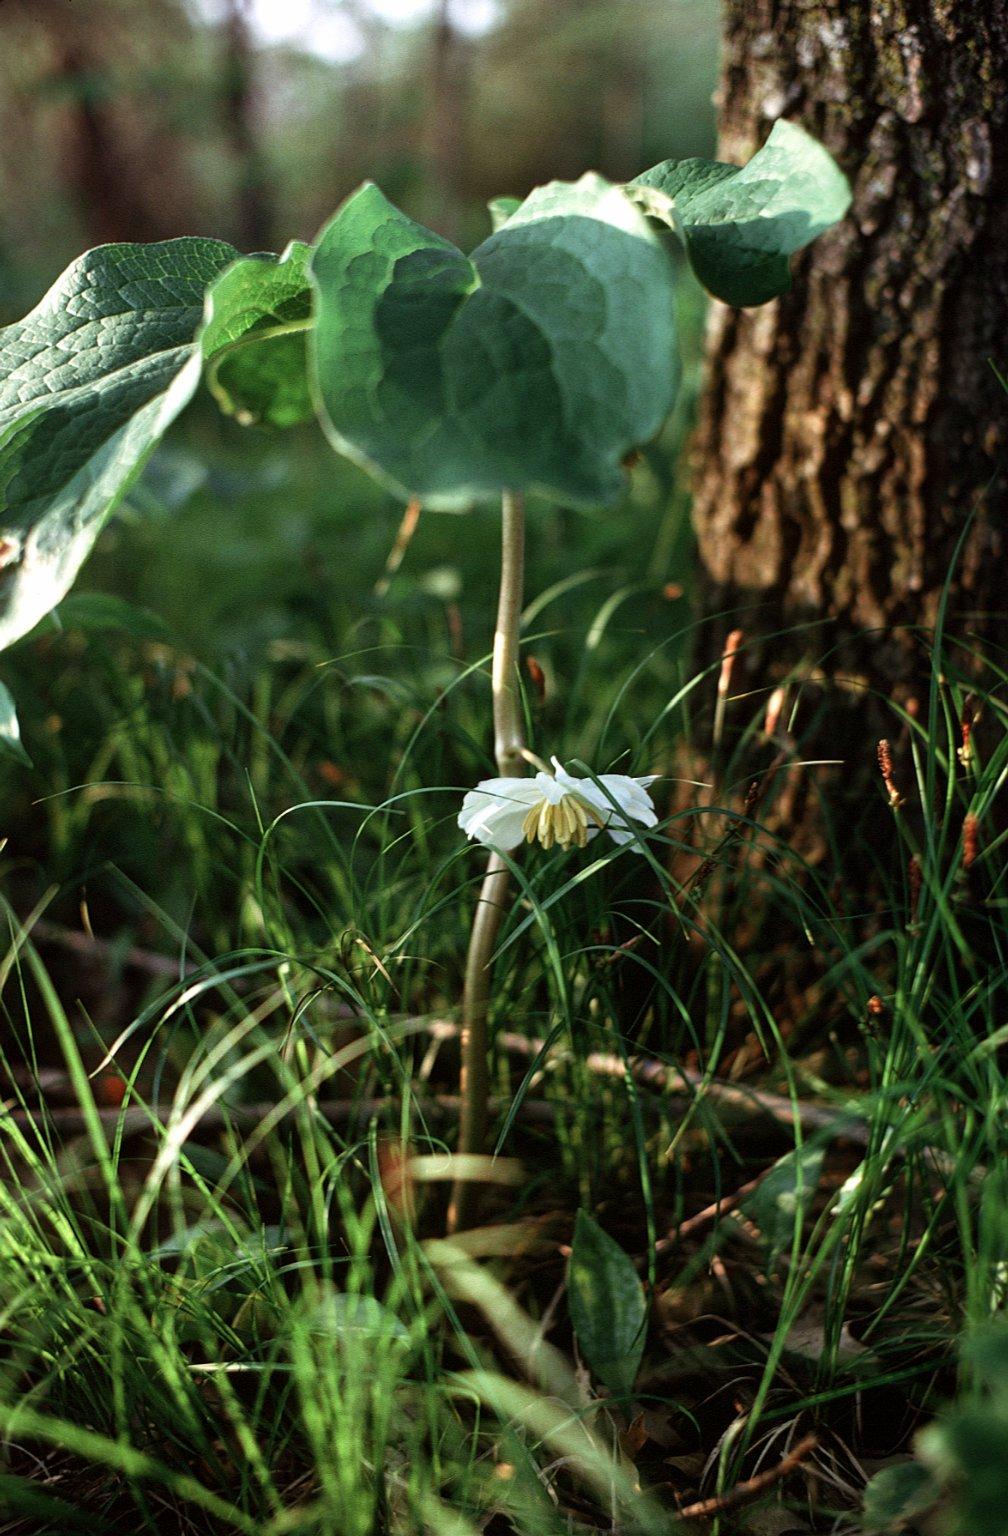 Podophyllum peltatum L.